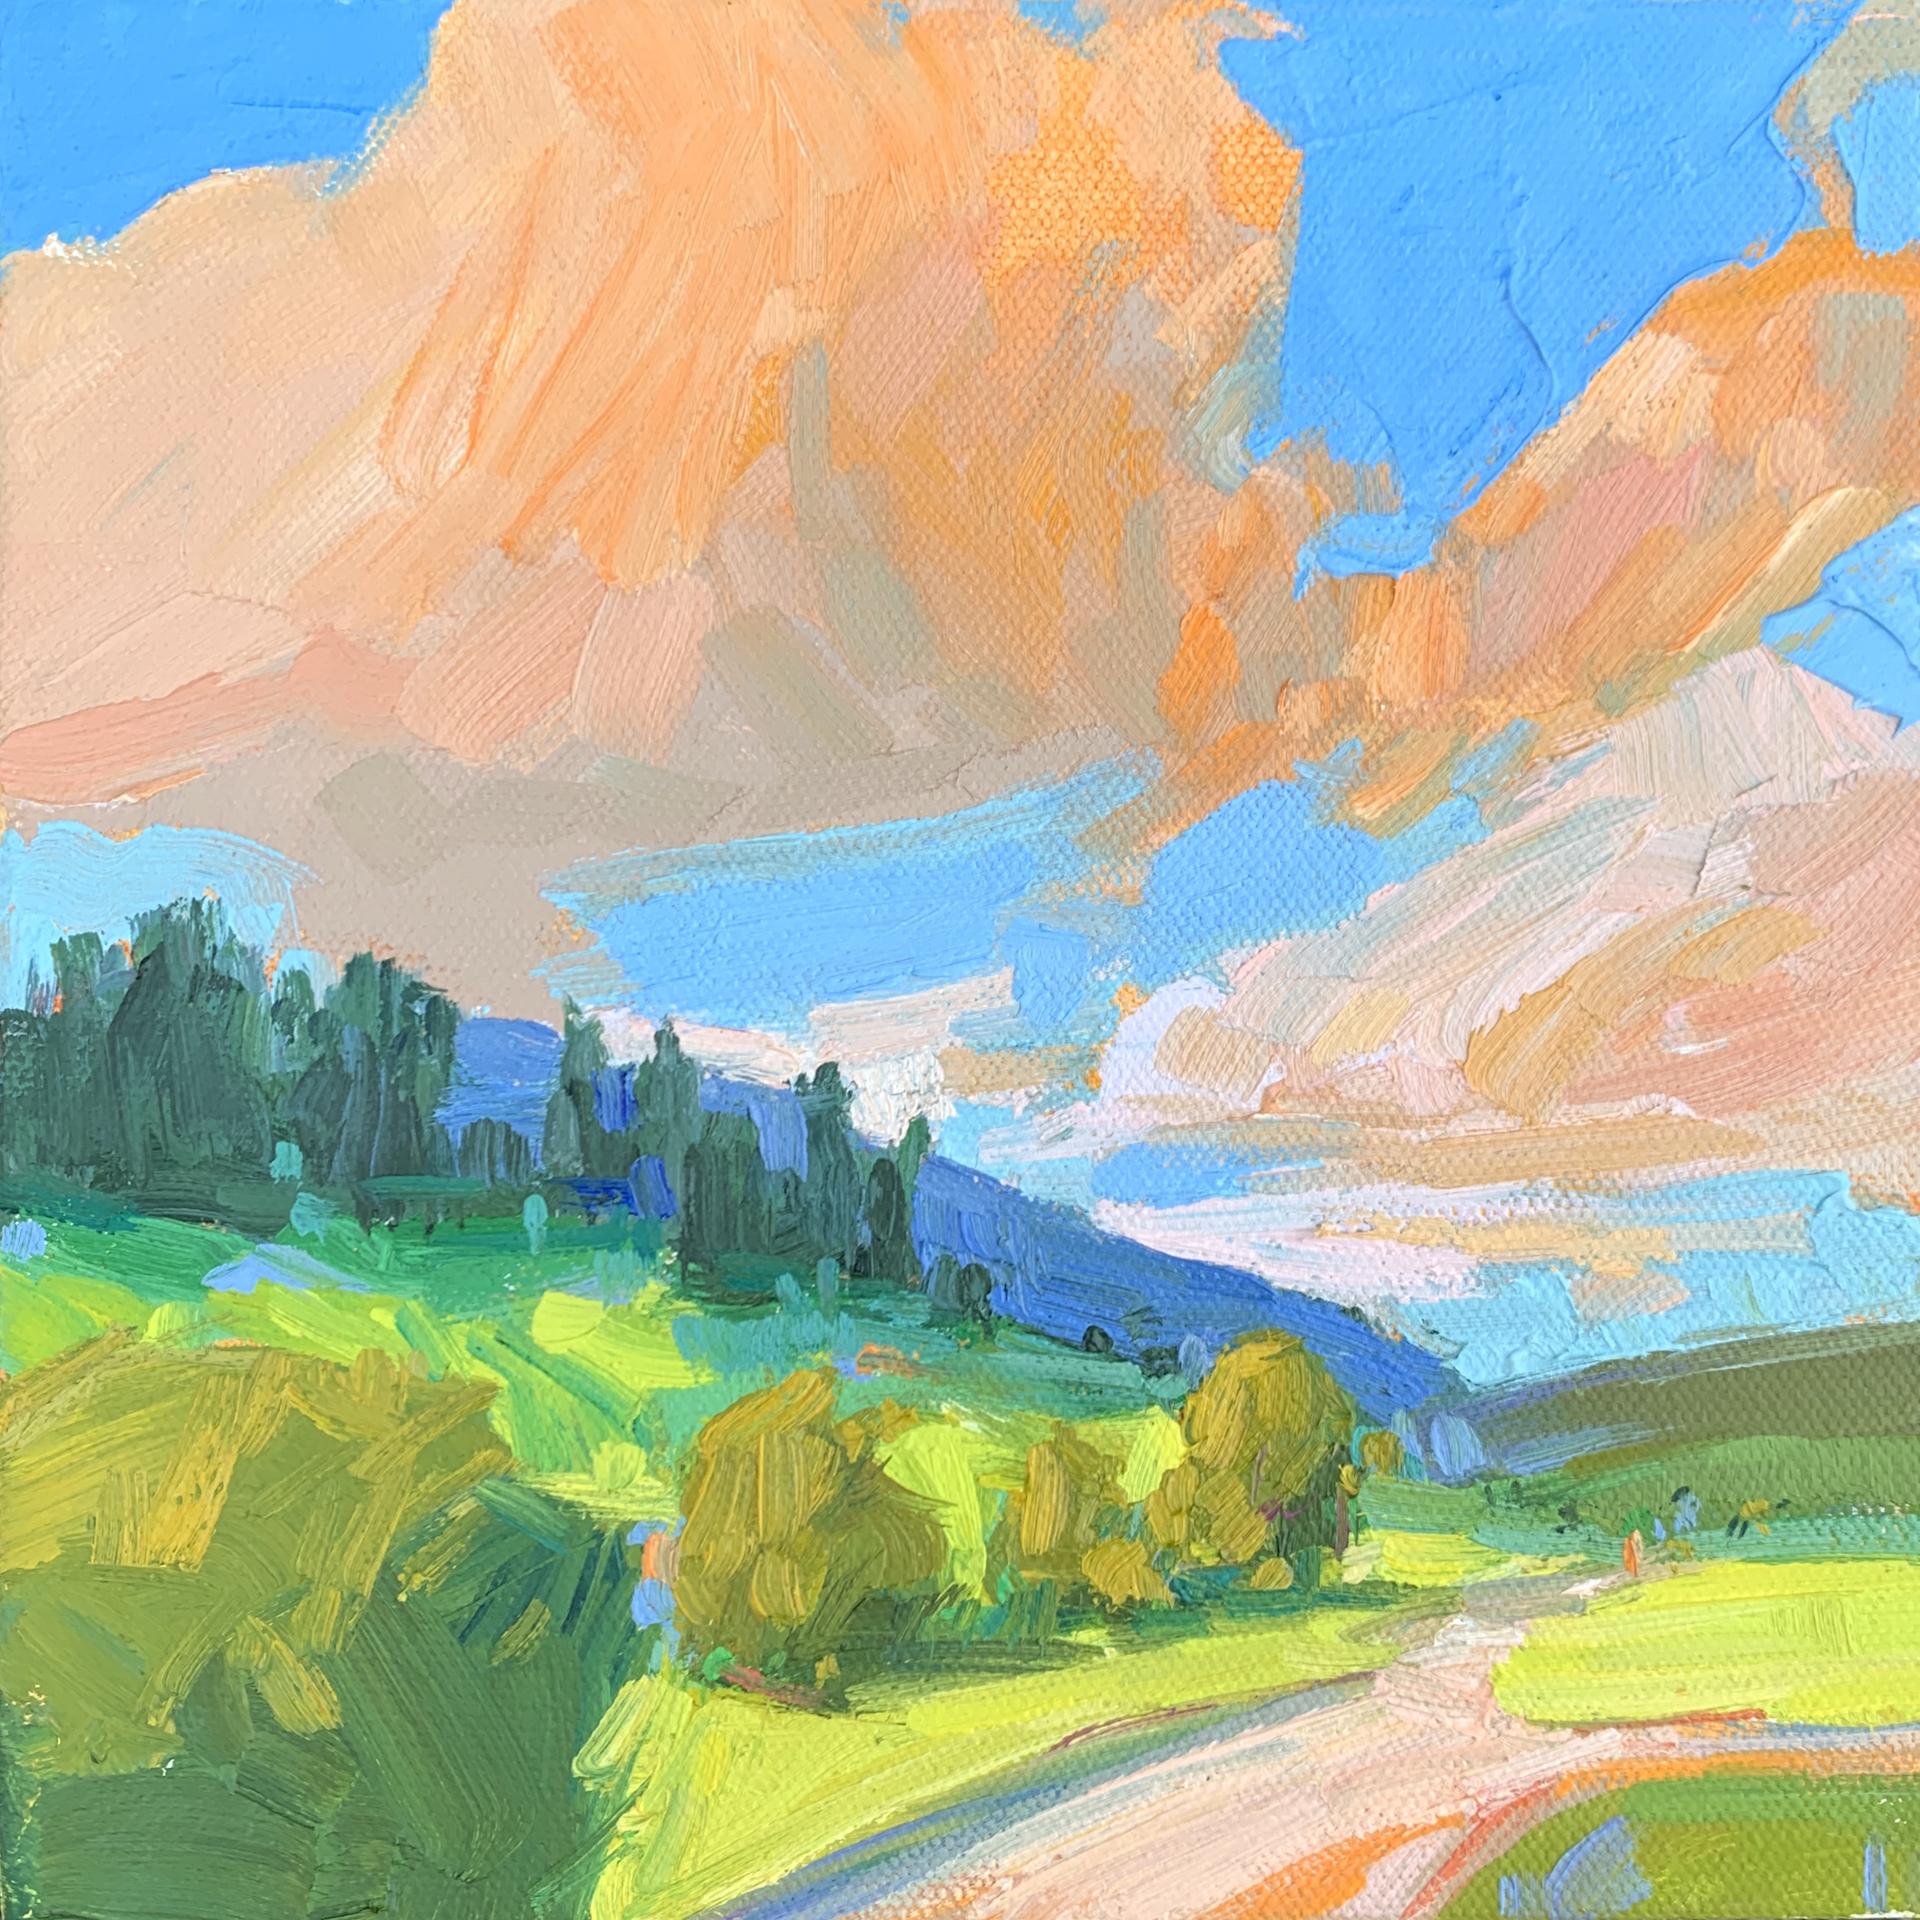 Around the Bend by Marissa Vogl